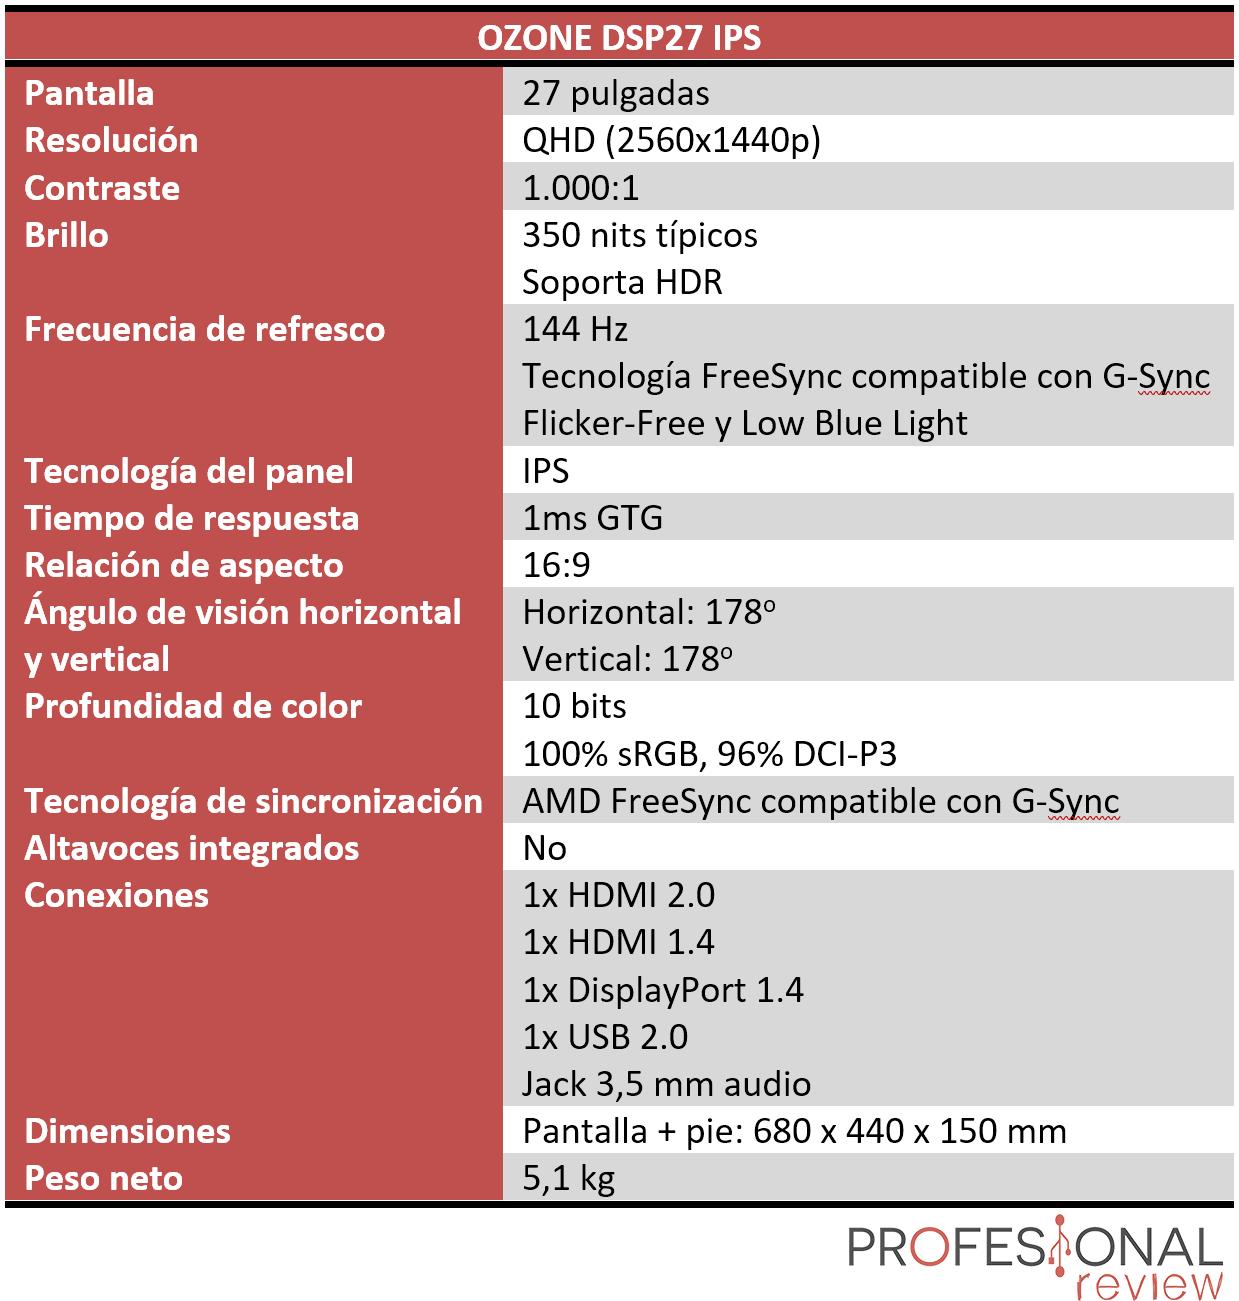 OZONE DSP27 IPS Características